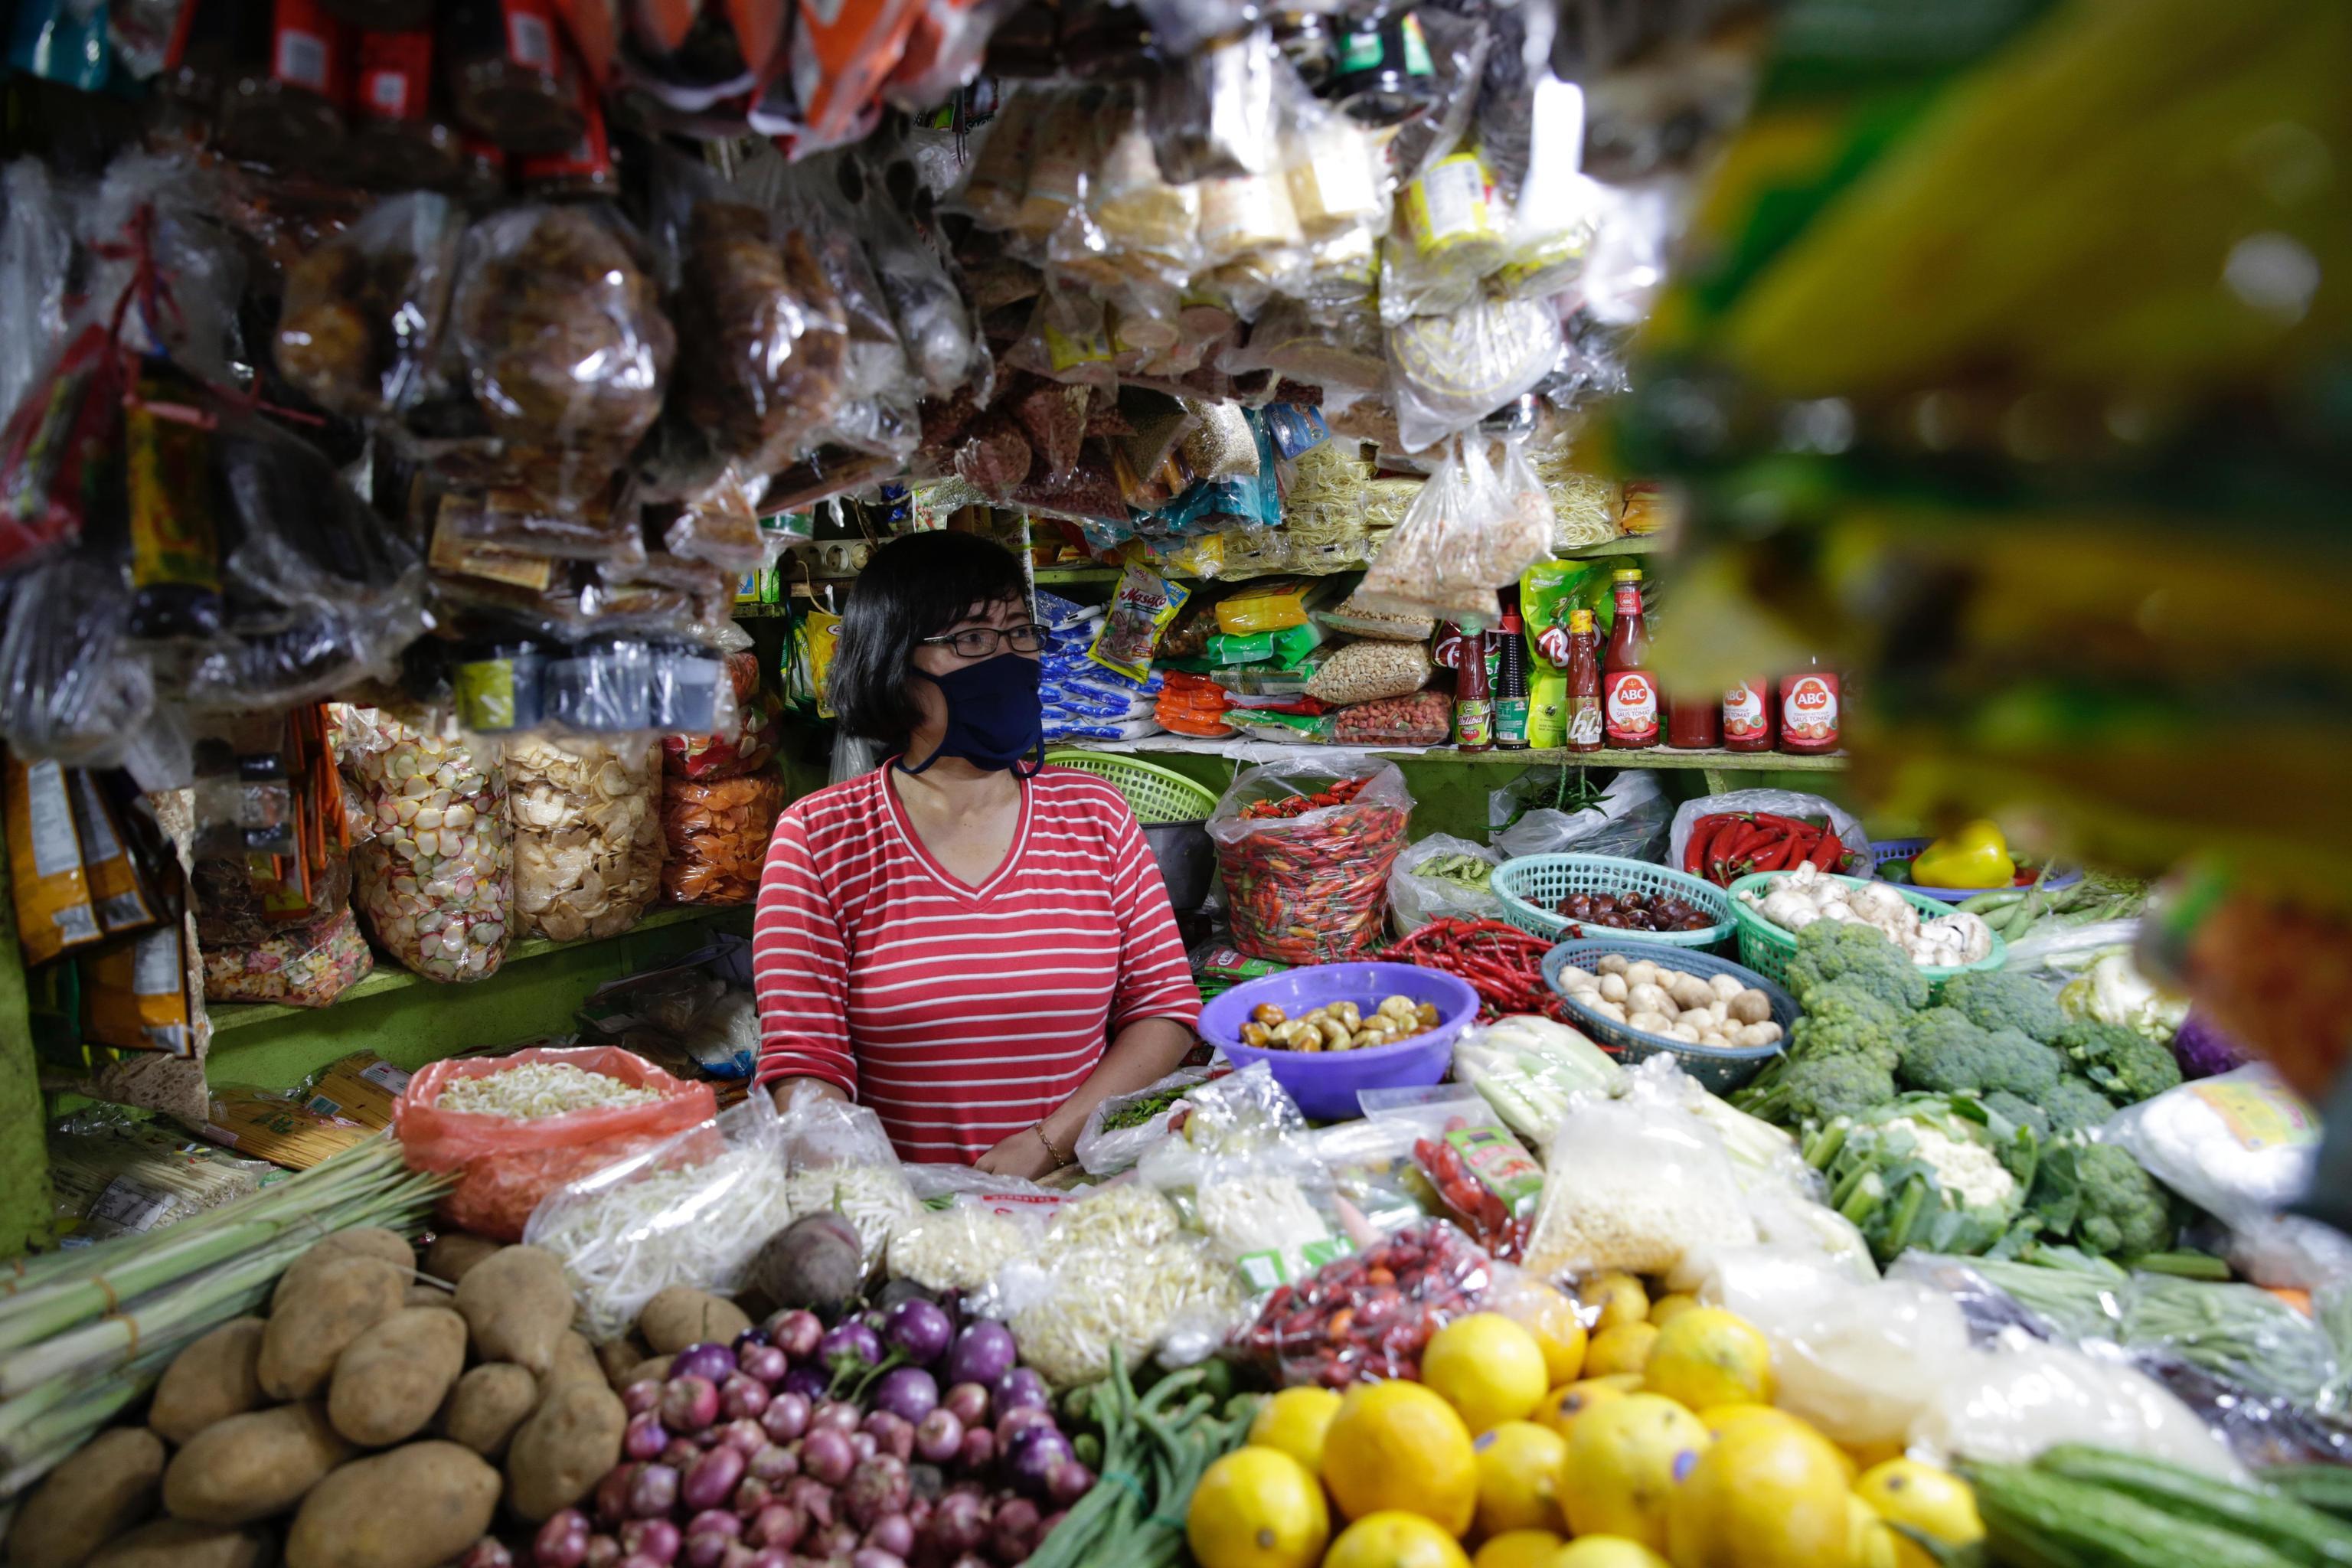 Una comerciante en su puesto de frutas y verduras de un mercado tradicional en Yakarta, Indonesia.